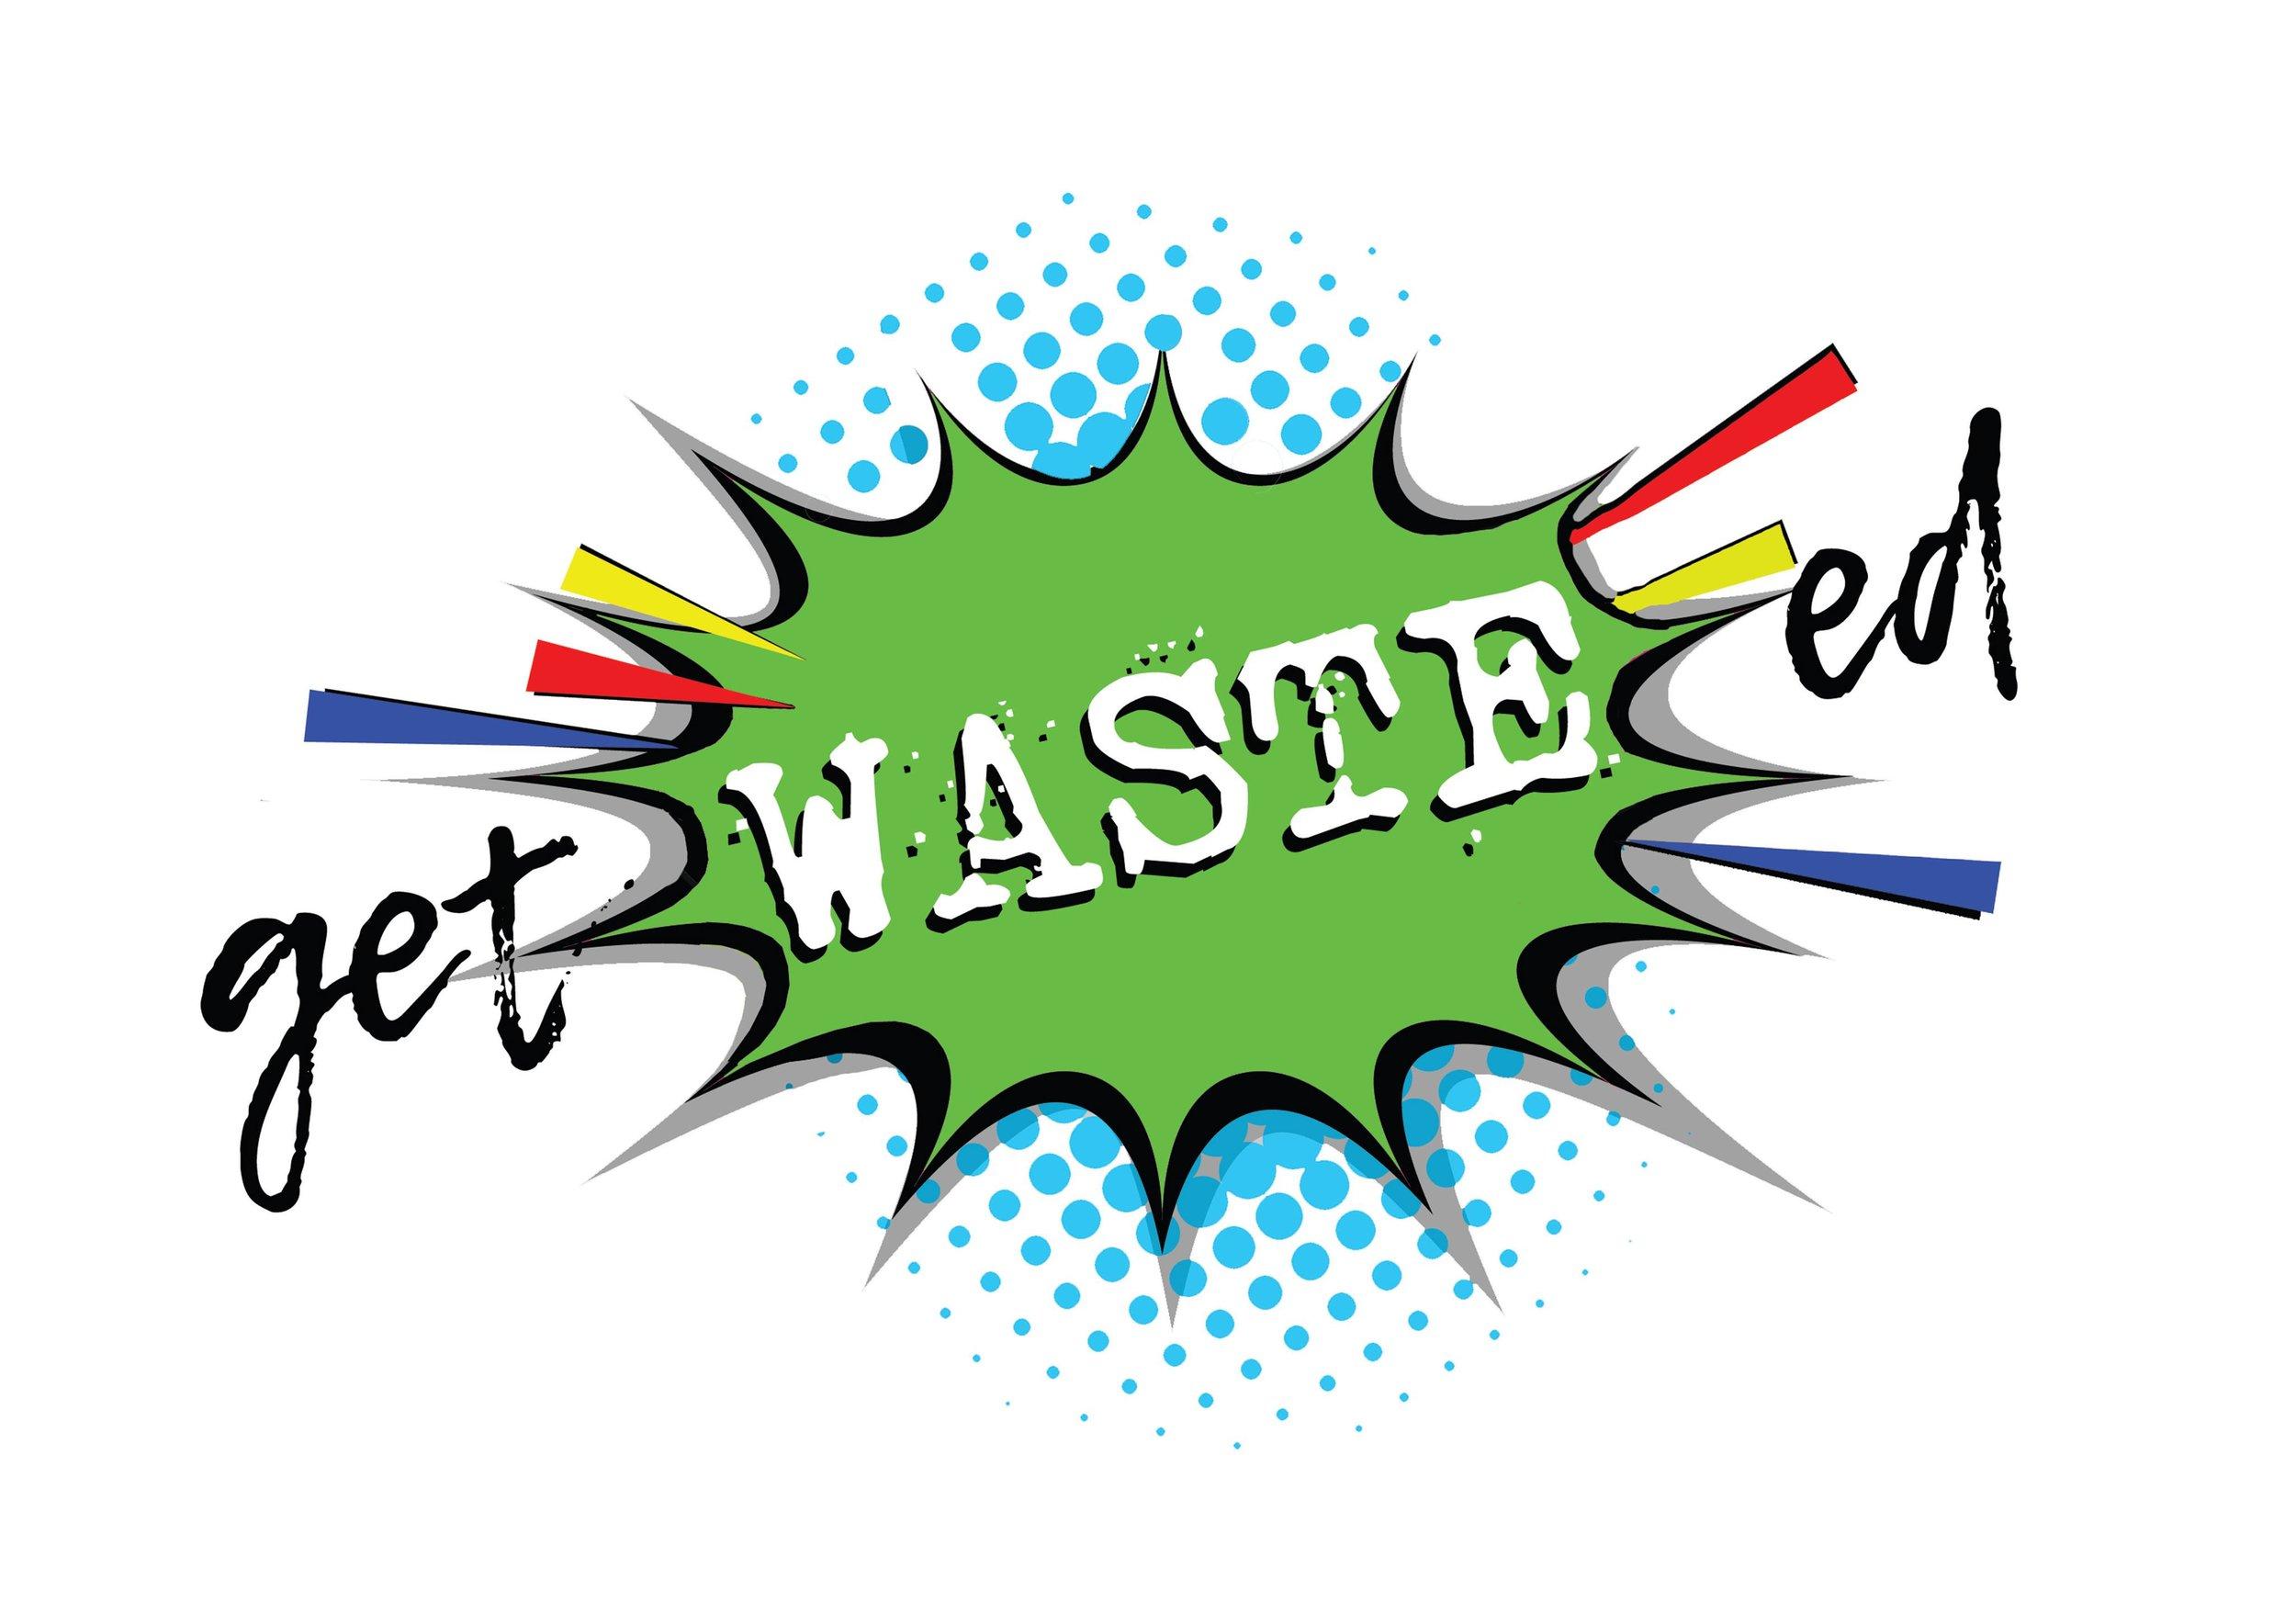 Get Waste Ed Final.jpg